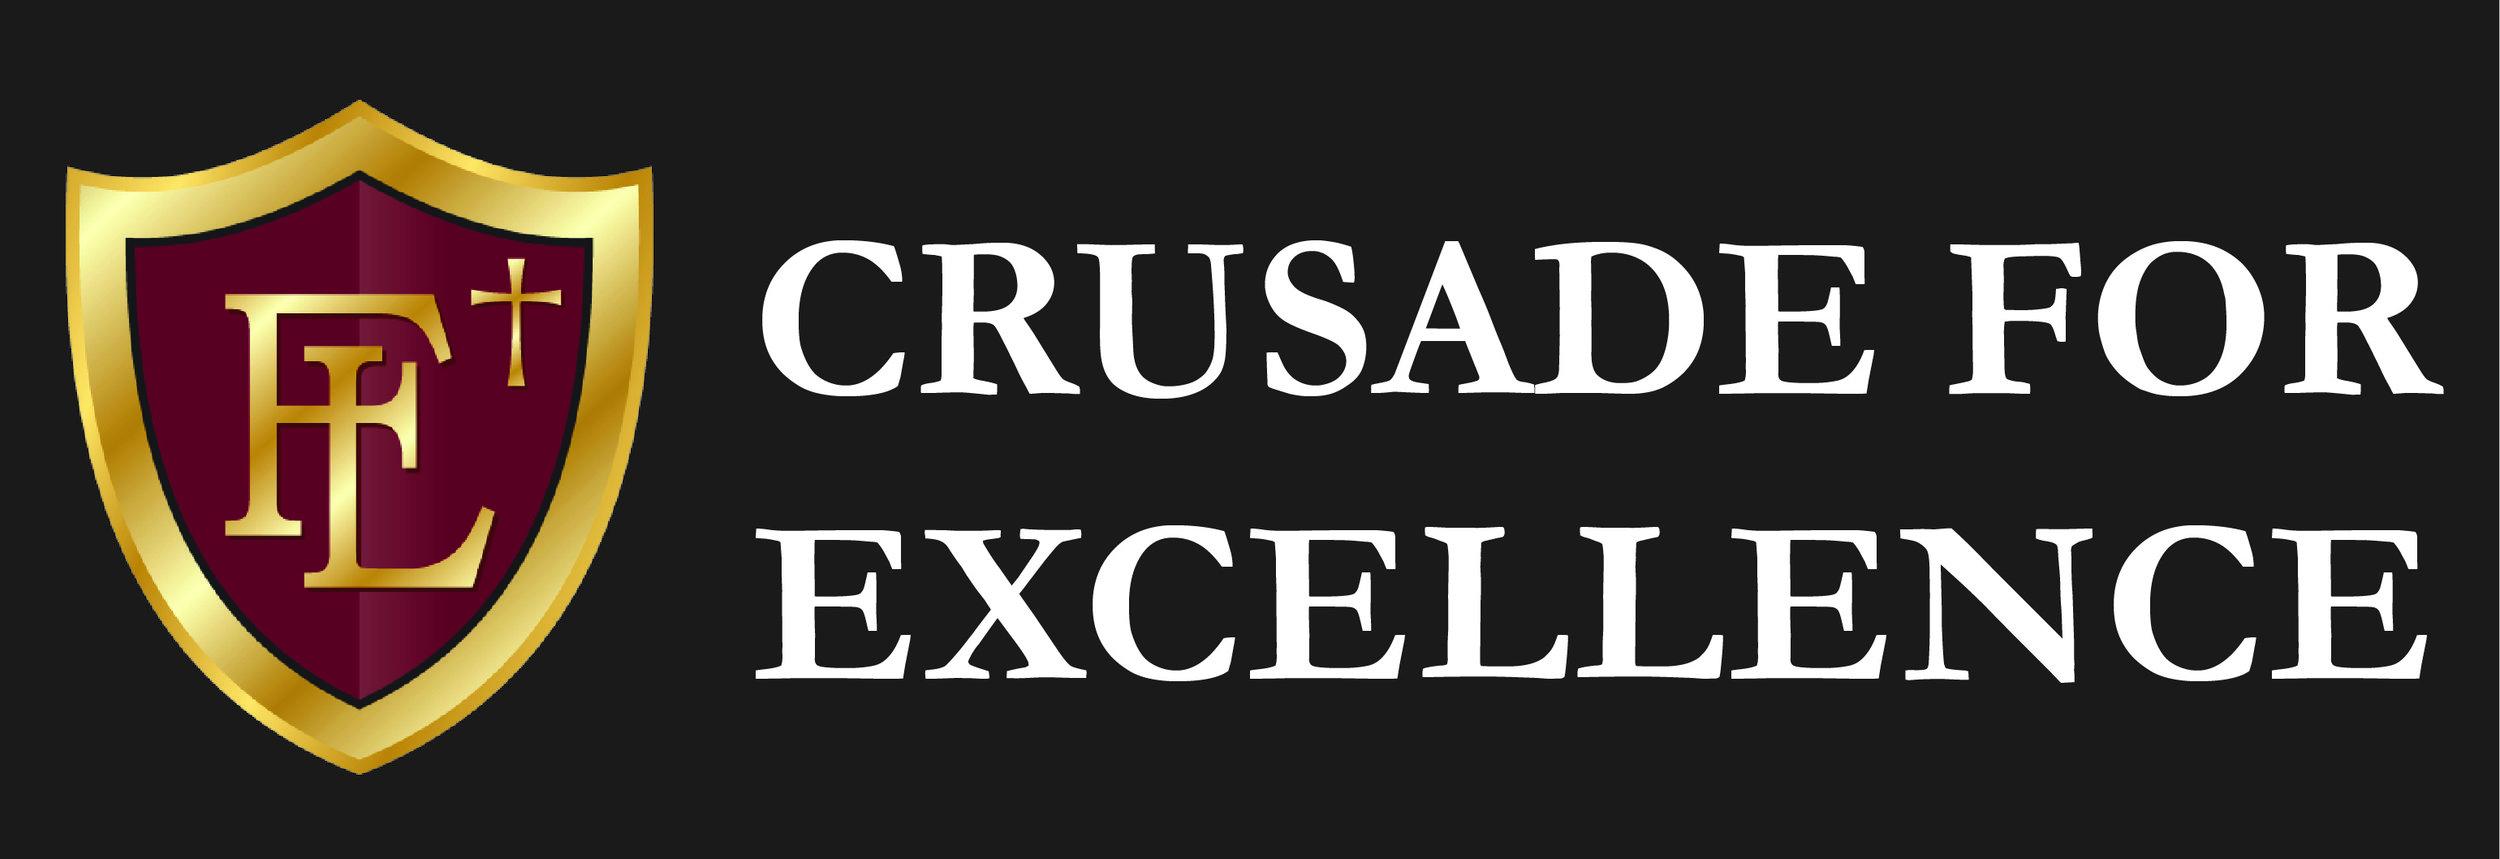 Crusade_for_Excellence_Logo_FINAL_White.jpg